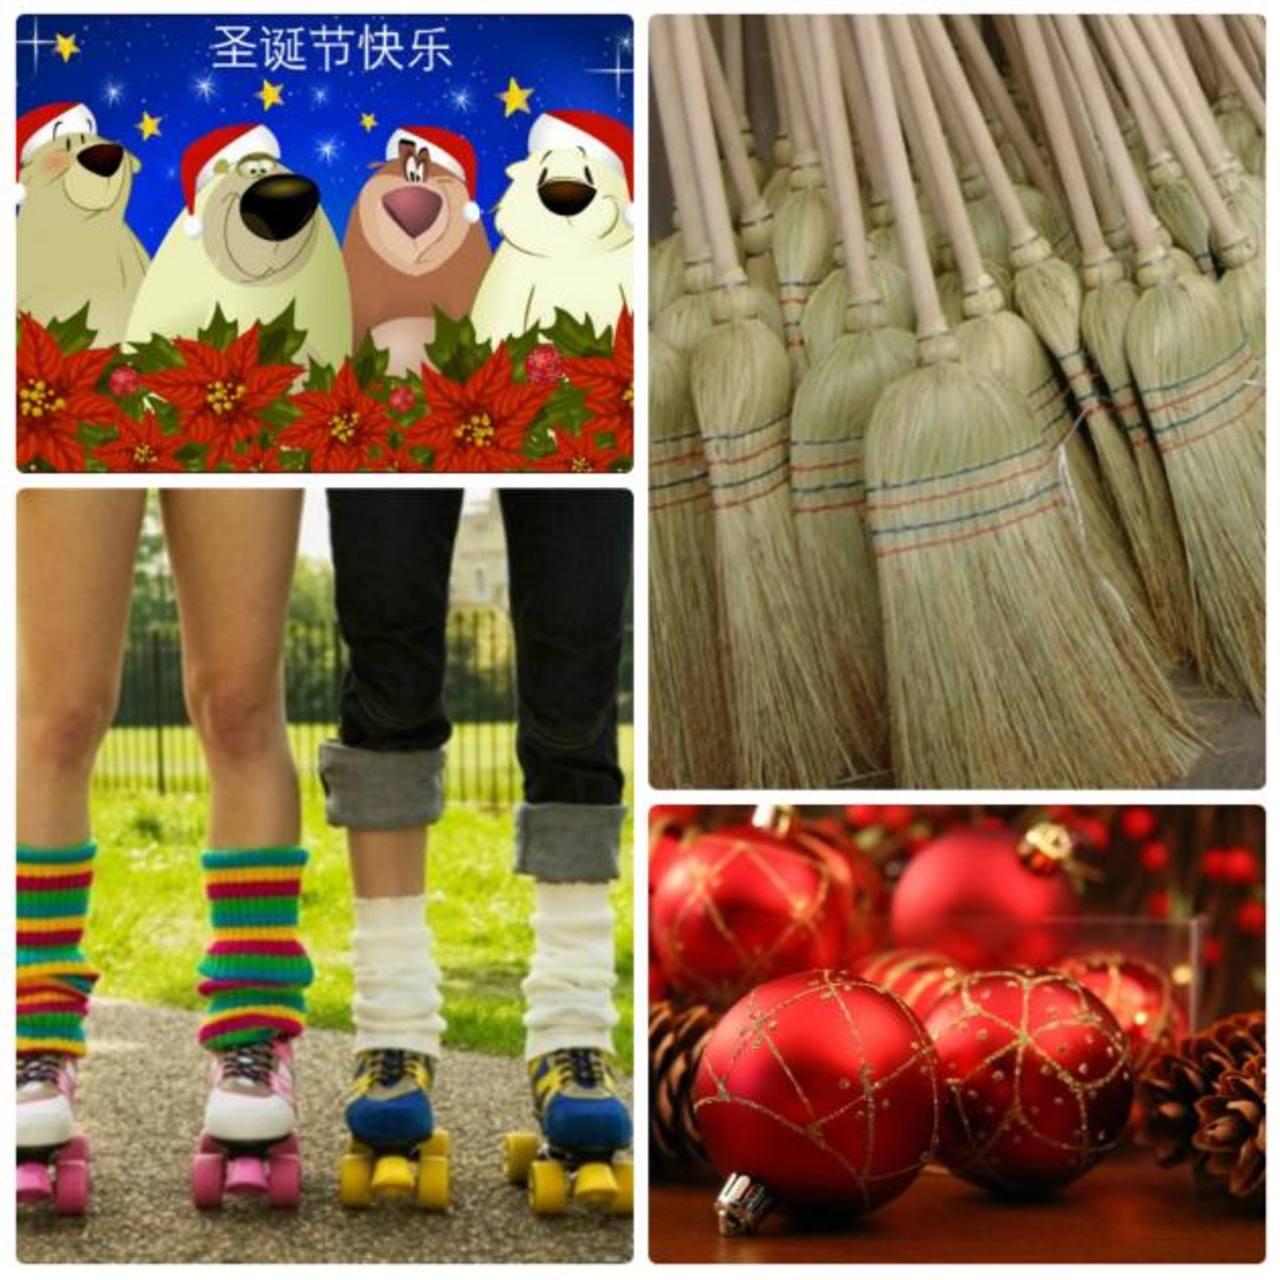 7 tradiciones curiosas de Navidad alrededor del mundo